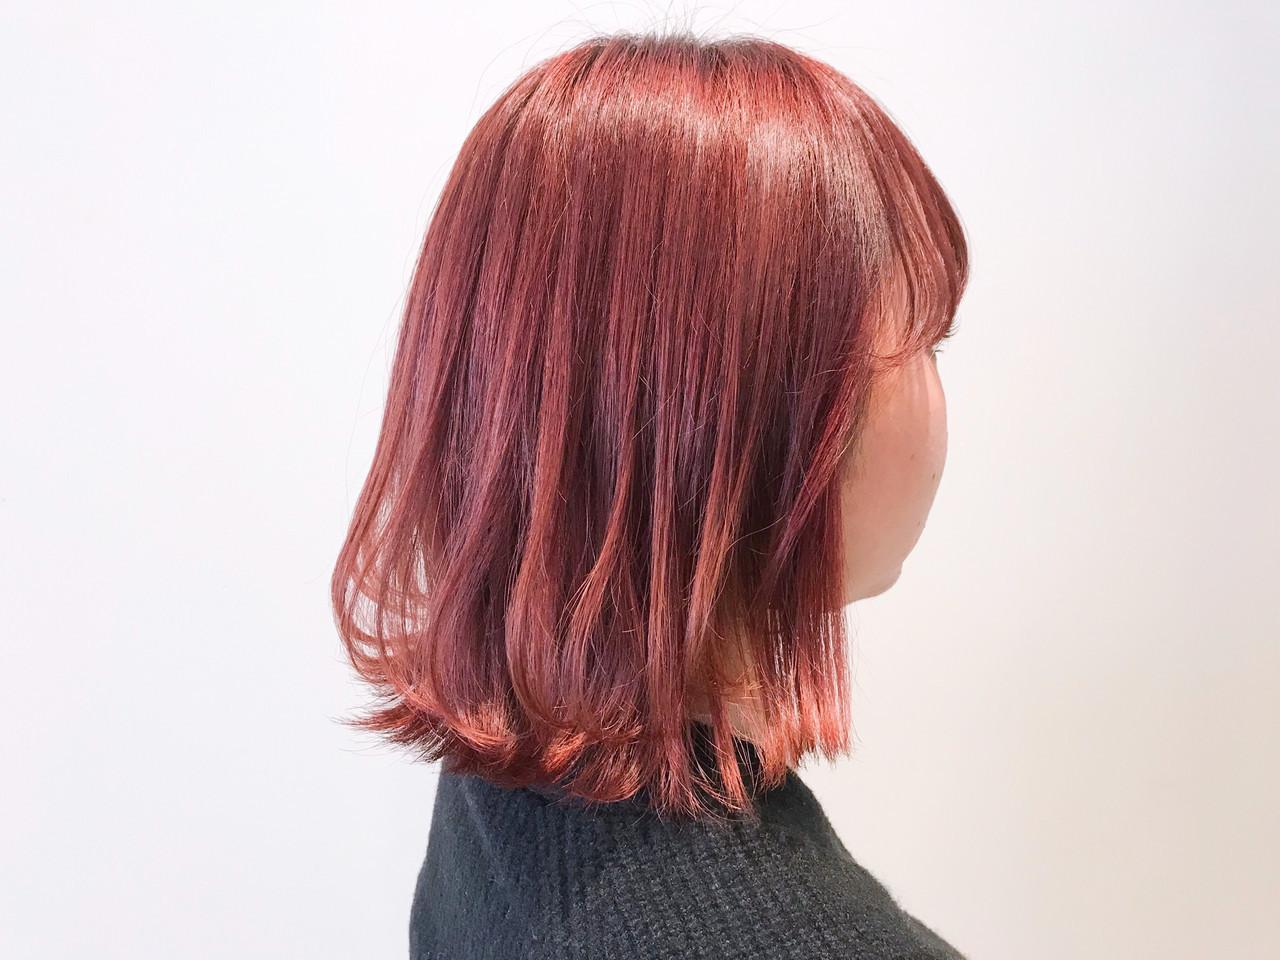 透明感カラー チェリーレッド レッドカラー ボブ ヘアスタイルや髪型の写真・画像